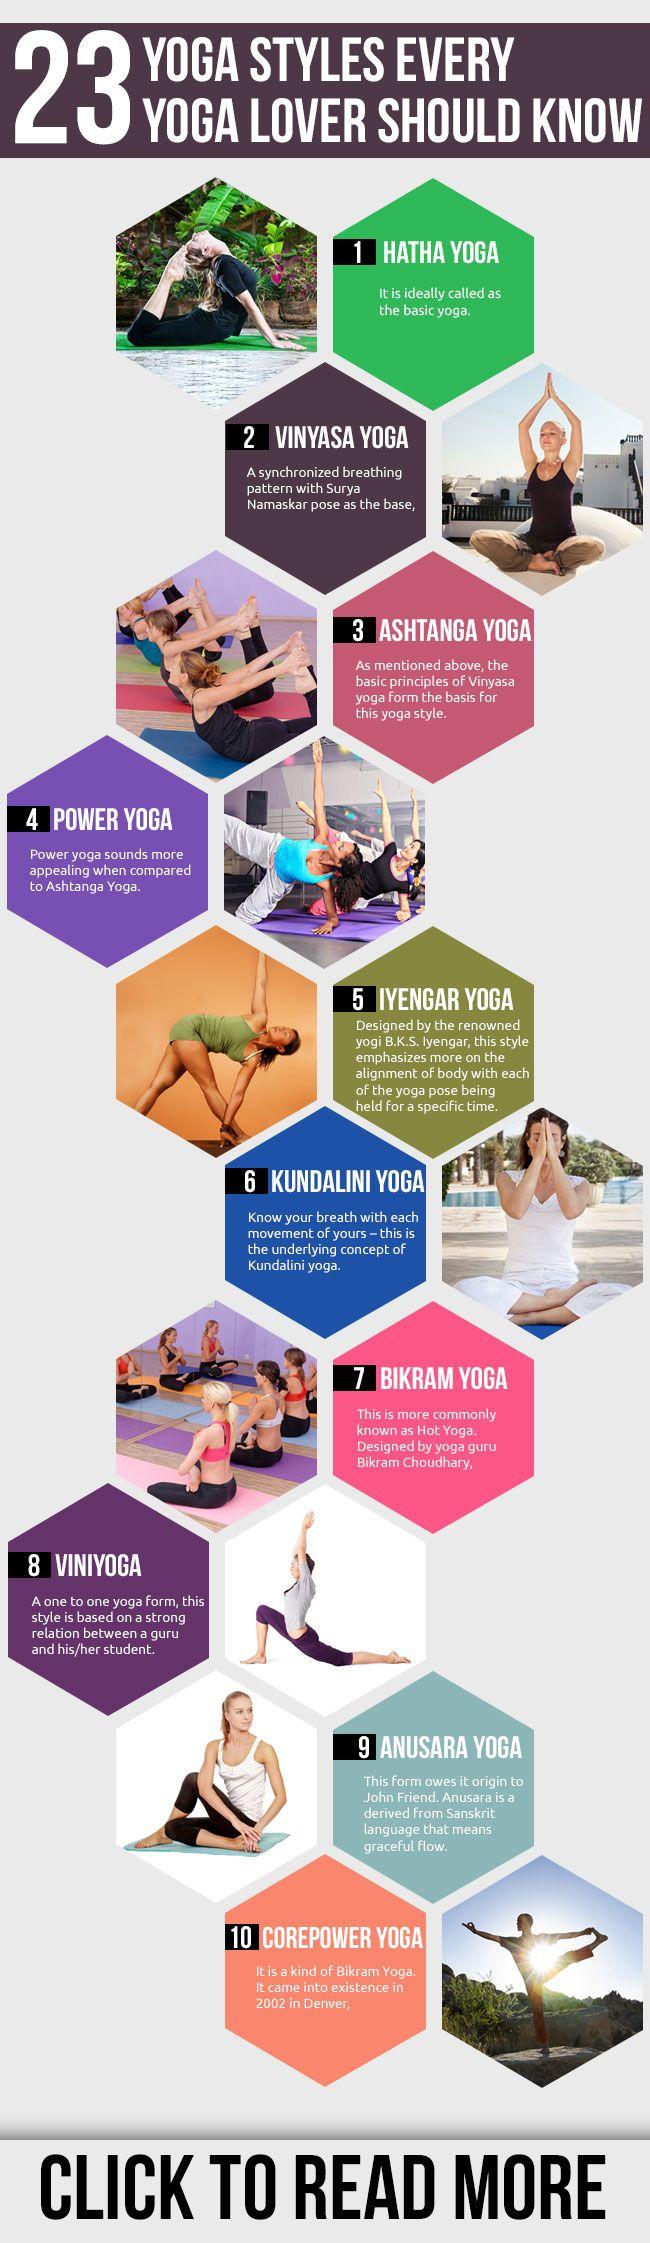 23 Estilos de Yoga que todos os amantes de yoga deveriam conhecer.  #yoga #hatha #vinyasa #ashtanga #kundalini